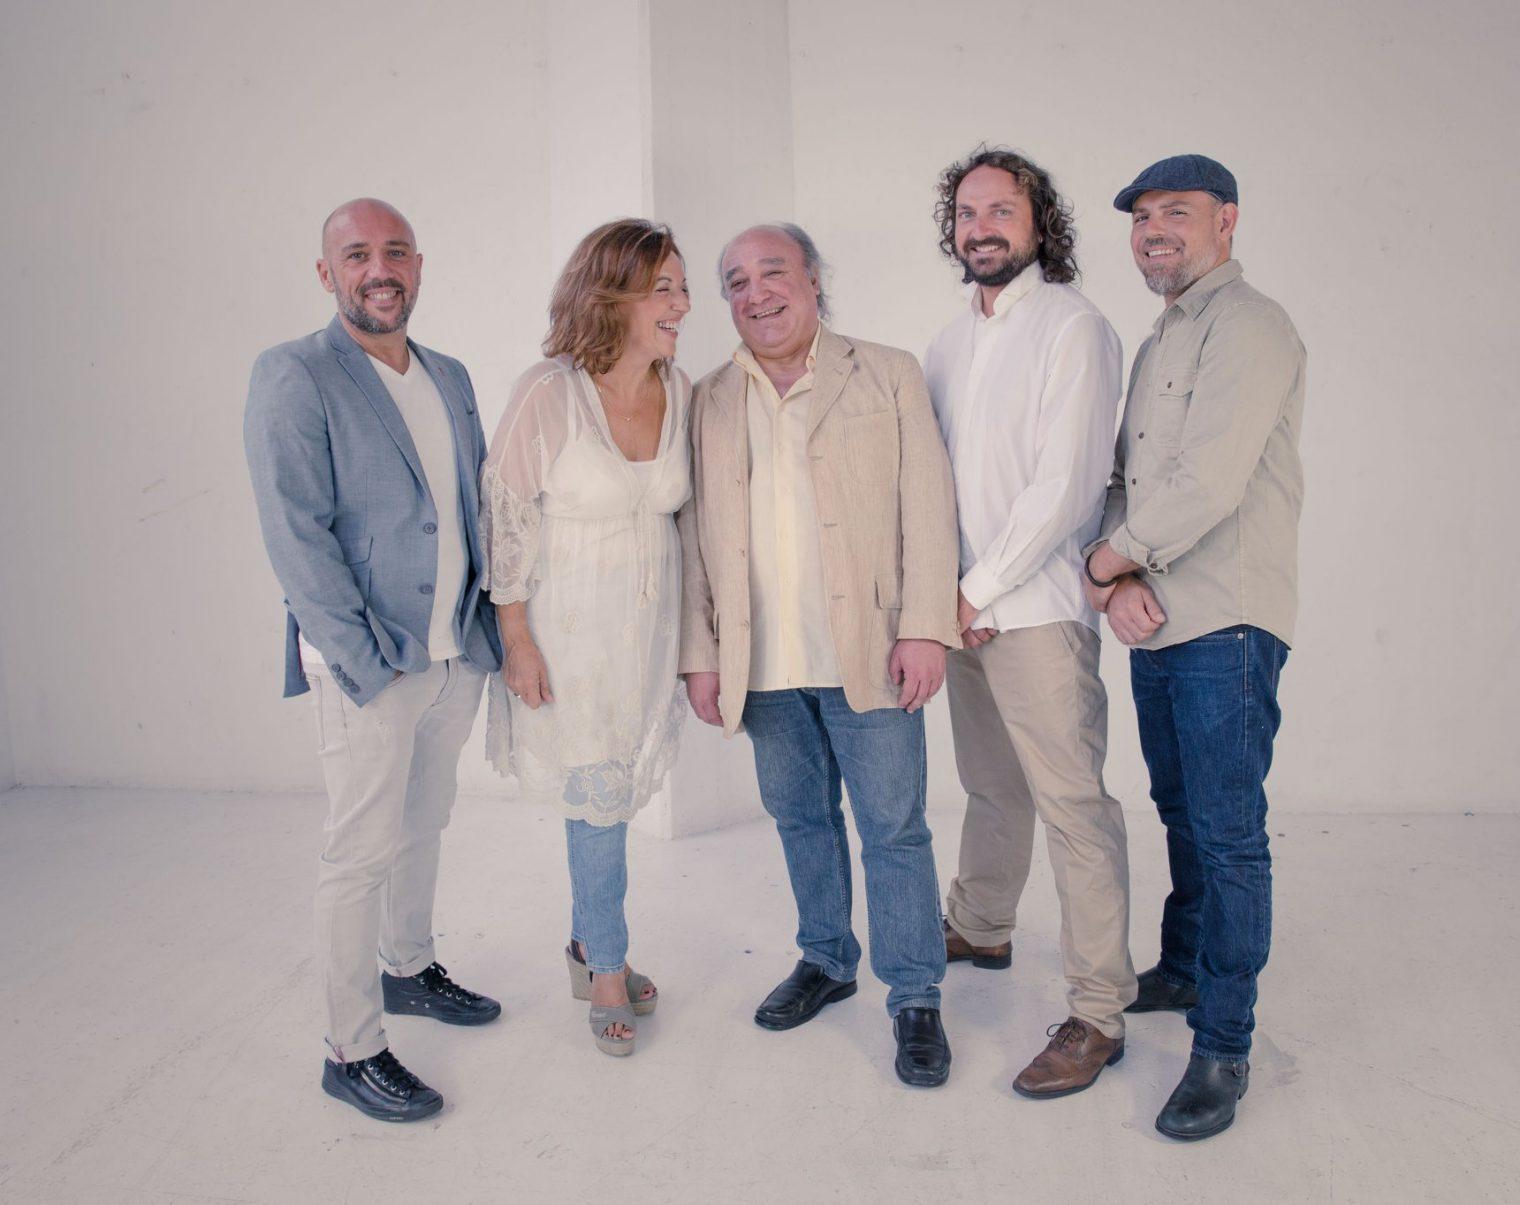 Les-Bernardes-Concert--WHITE PEPPER